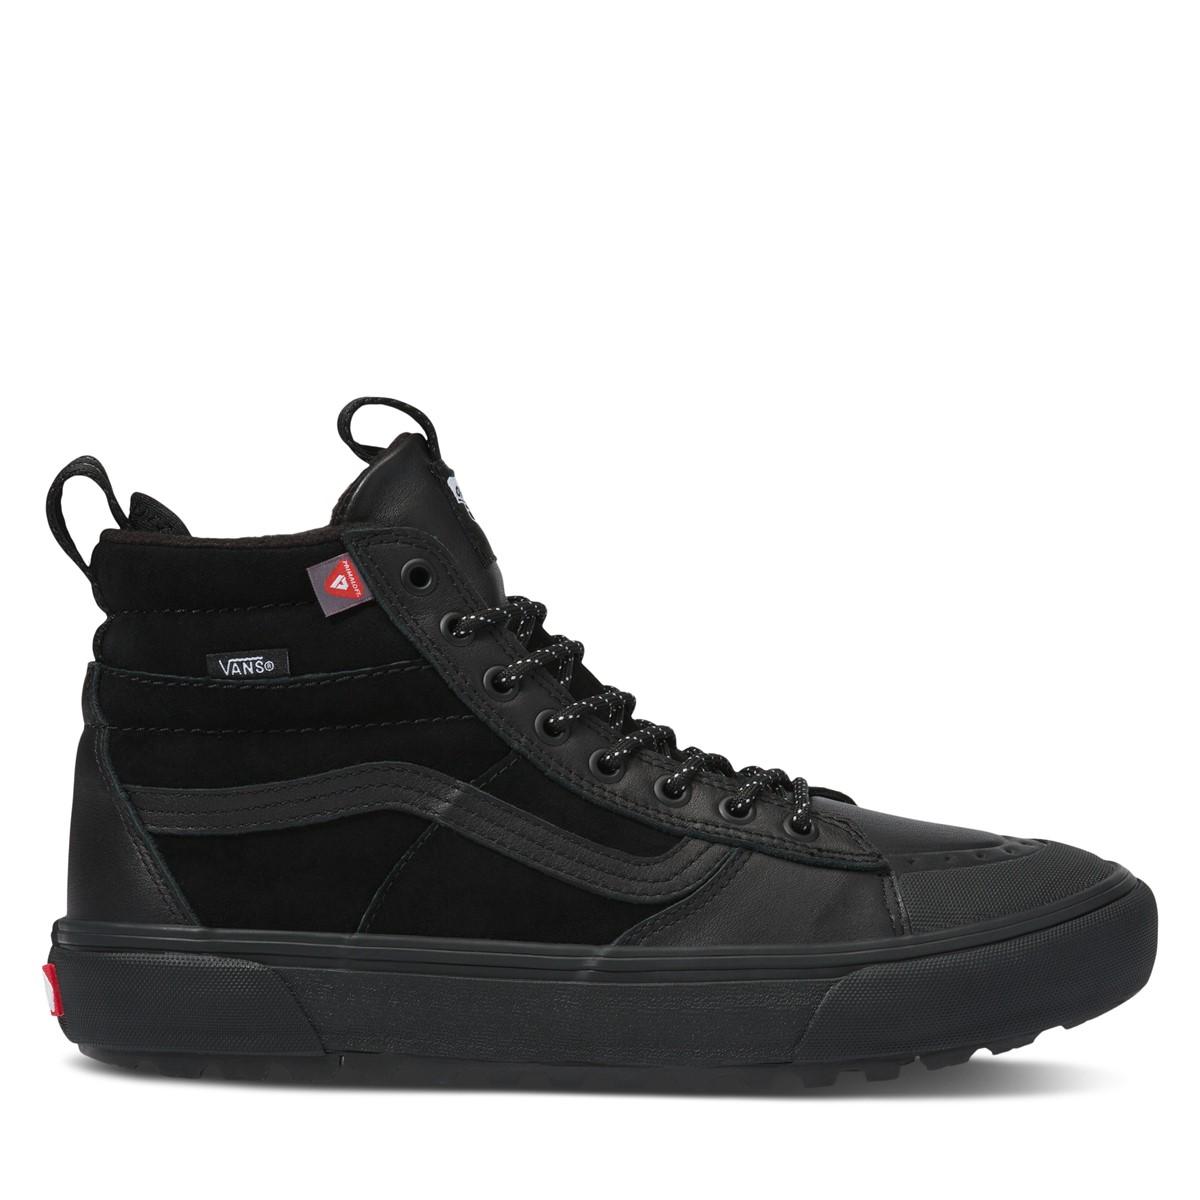 Men's Sk8-Hi MTE 2 Sneaker Boots in Black